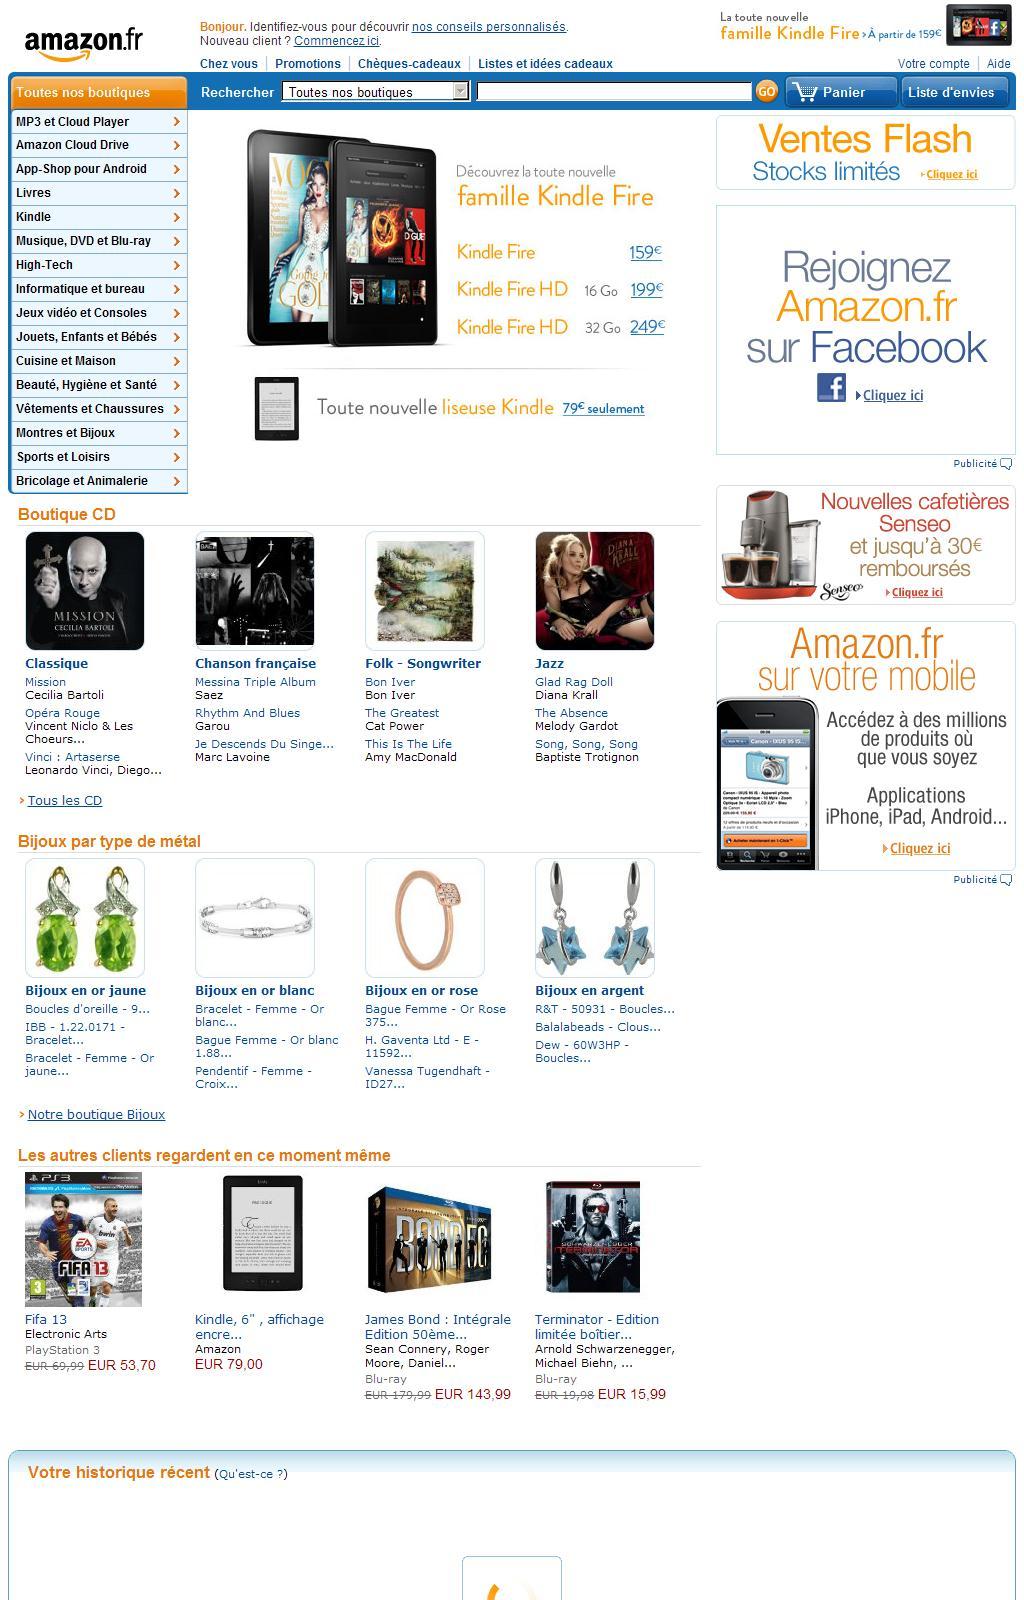 Amazon.fr : livres, DVD, jeux vidéo, CD, lecteurs MP3, ordinateurs, appareils photo, logiciels et plus encore !